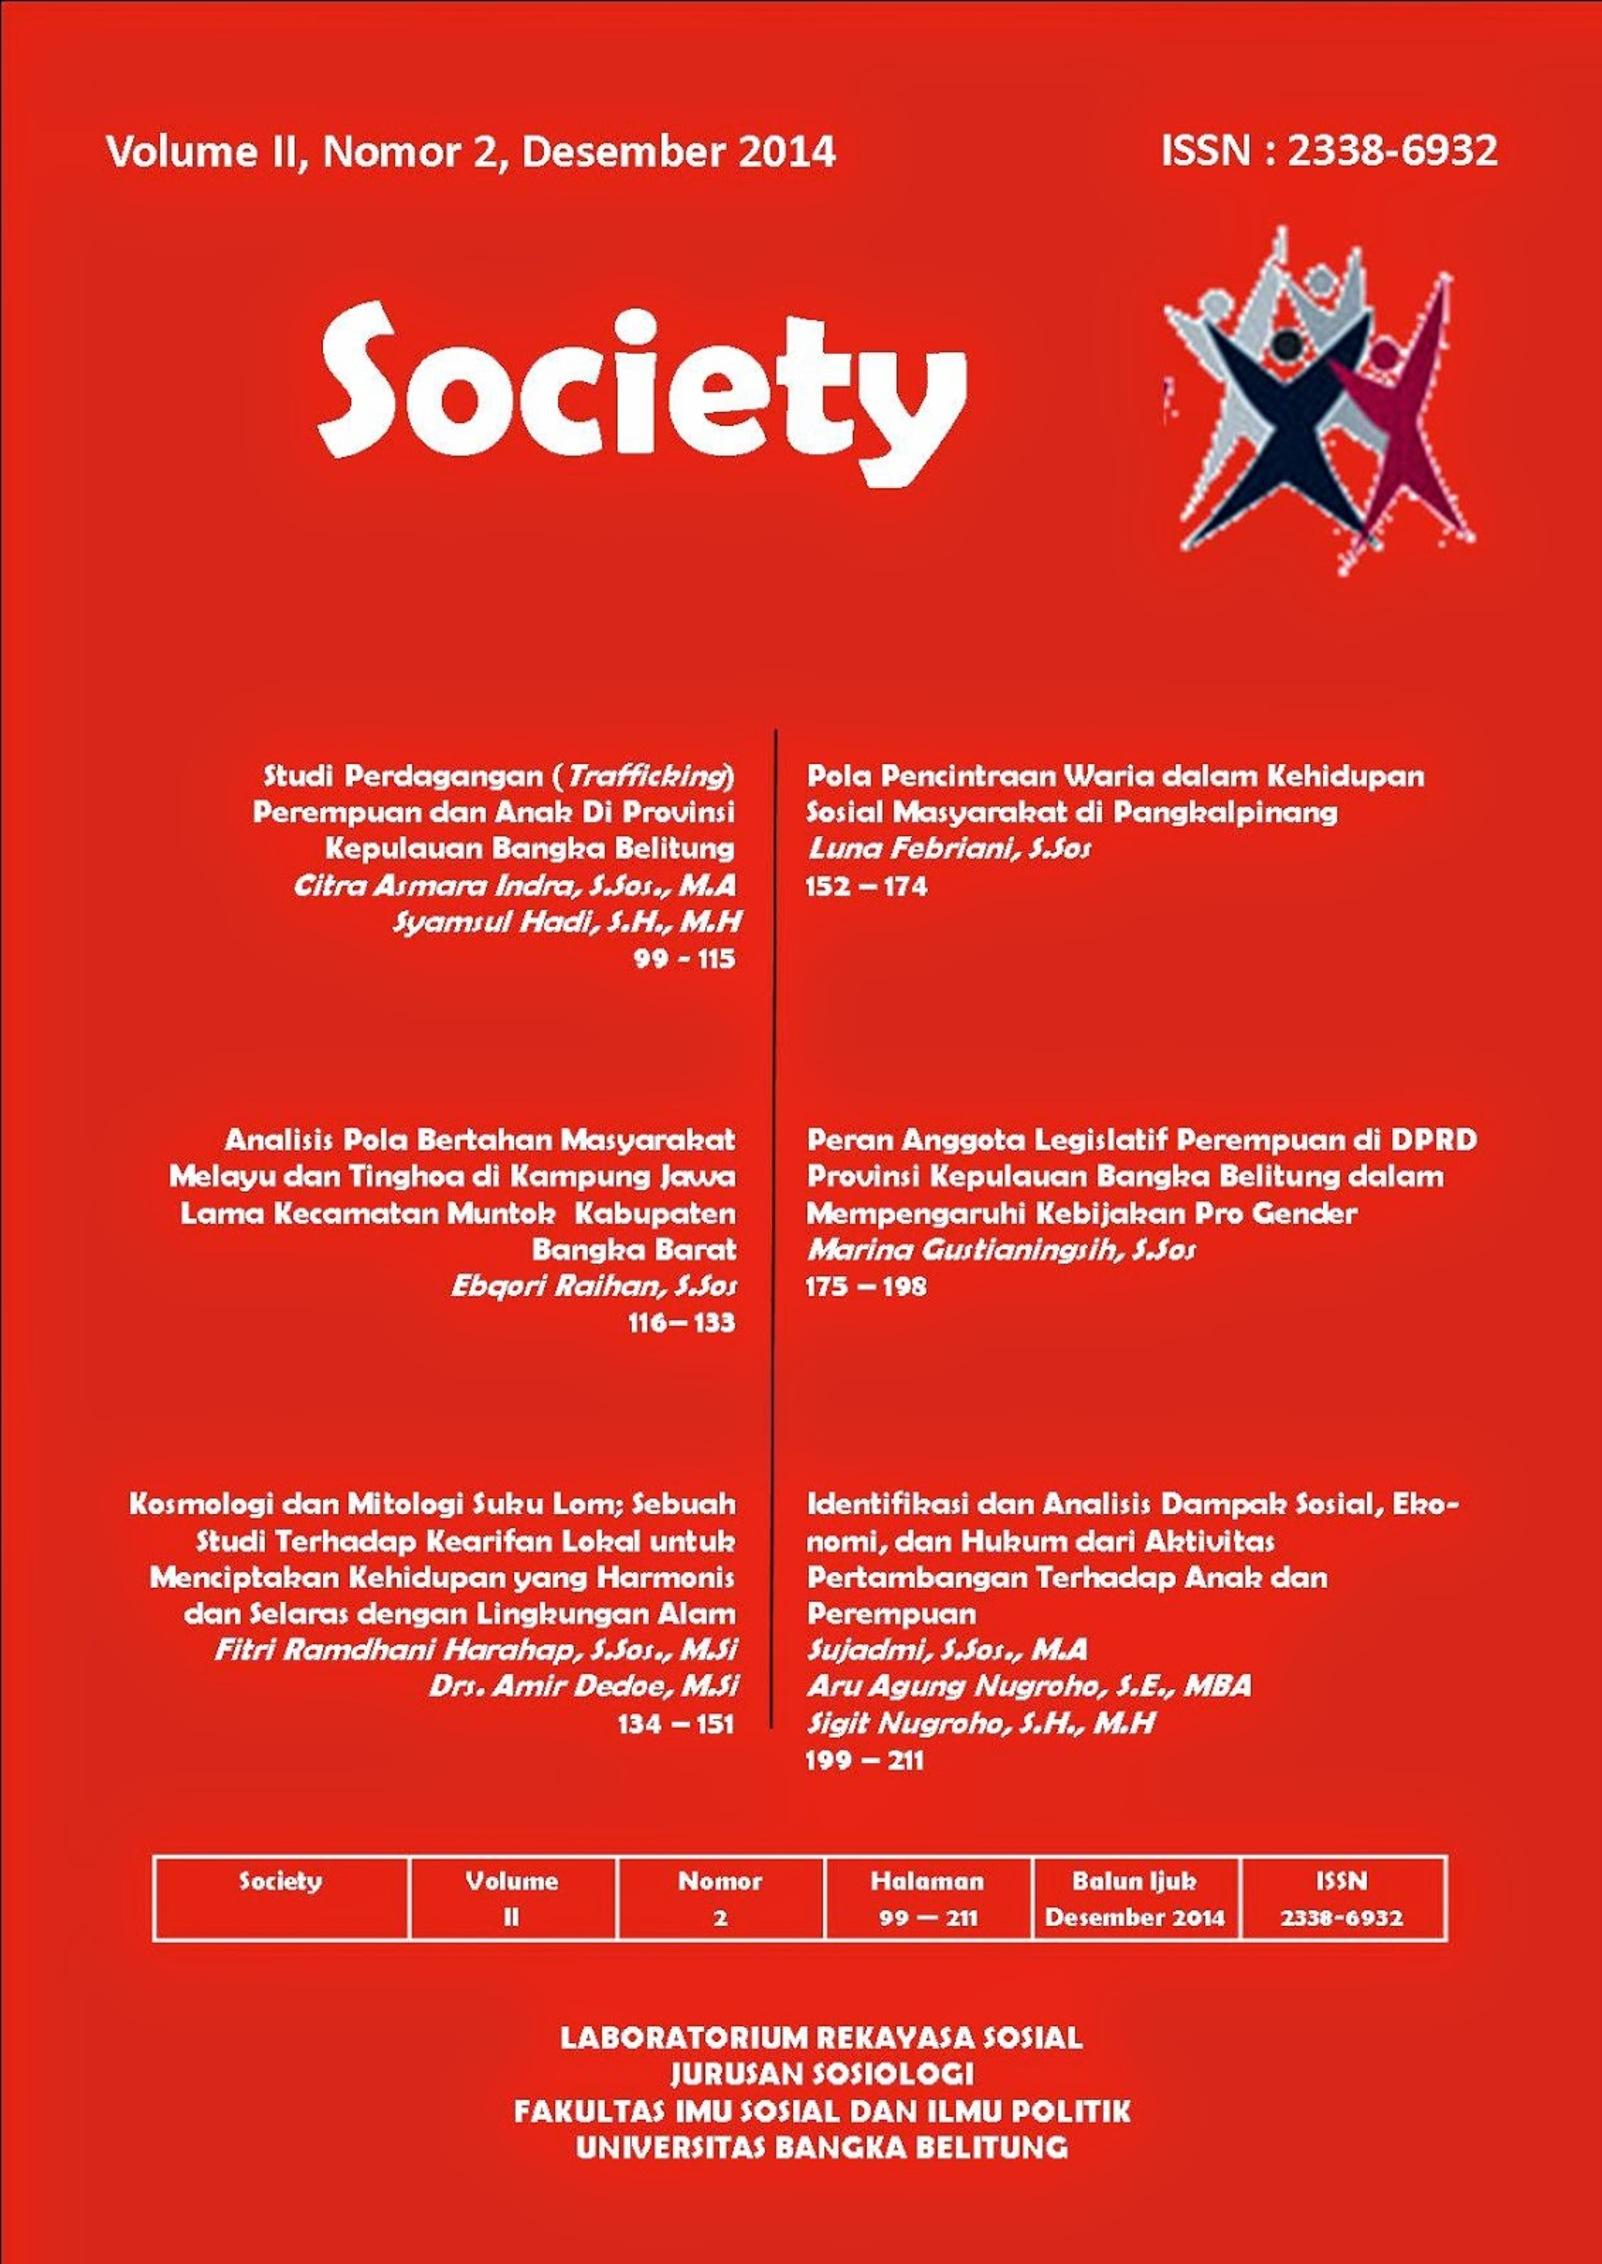 Jurnal Society Volume 2 Nomor 2#Desember 2014